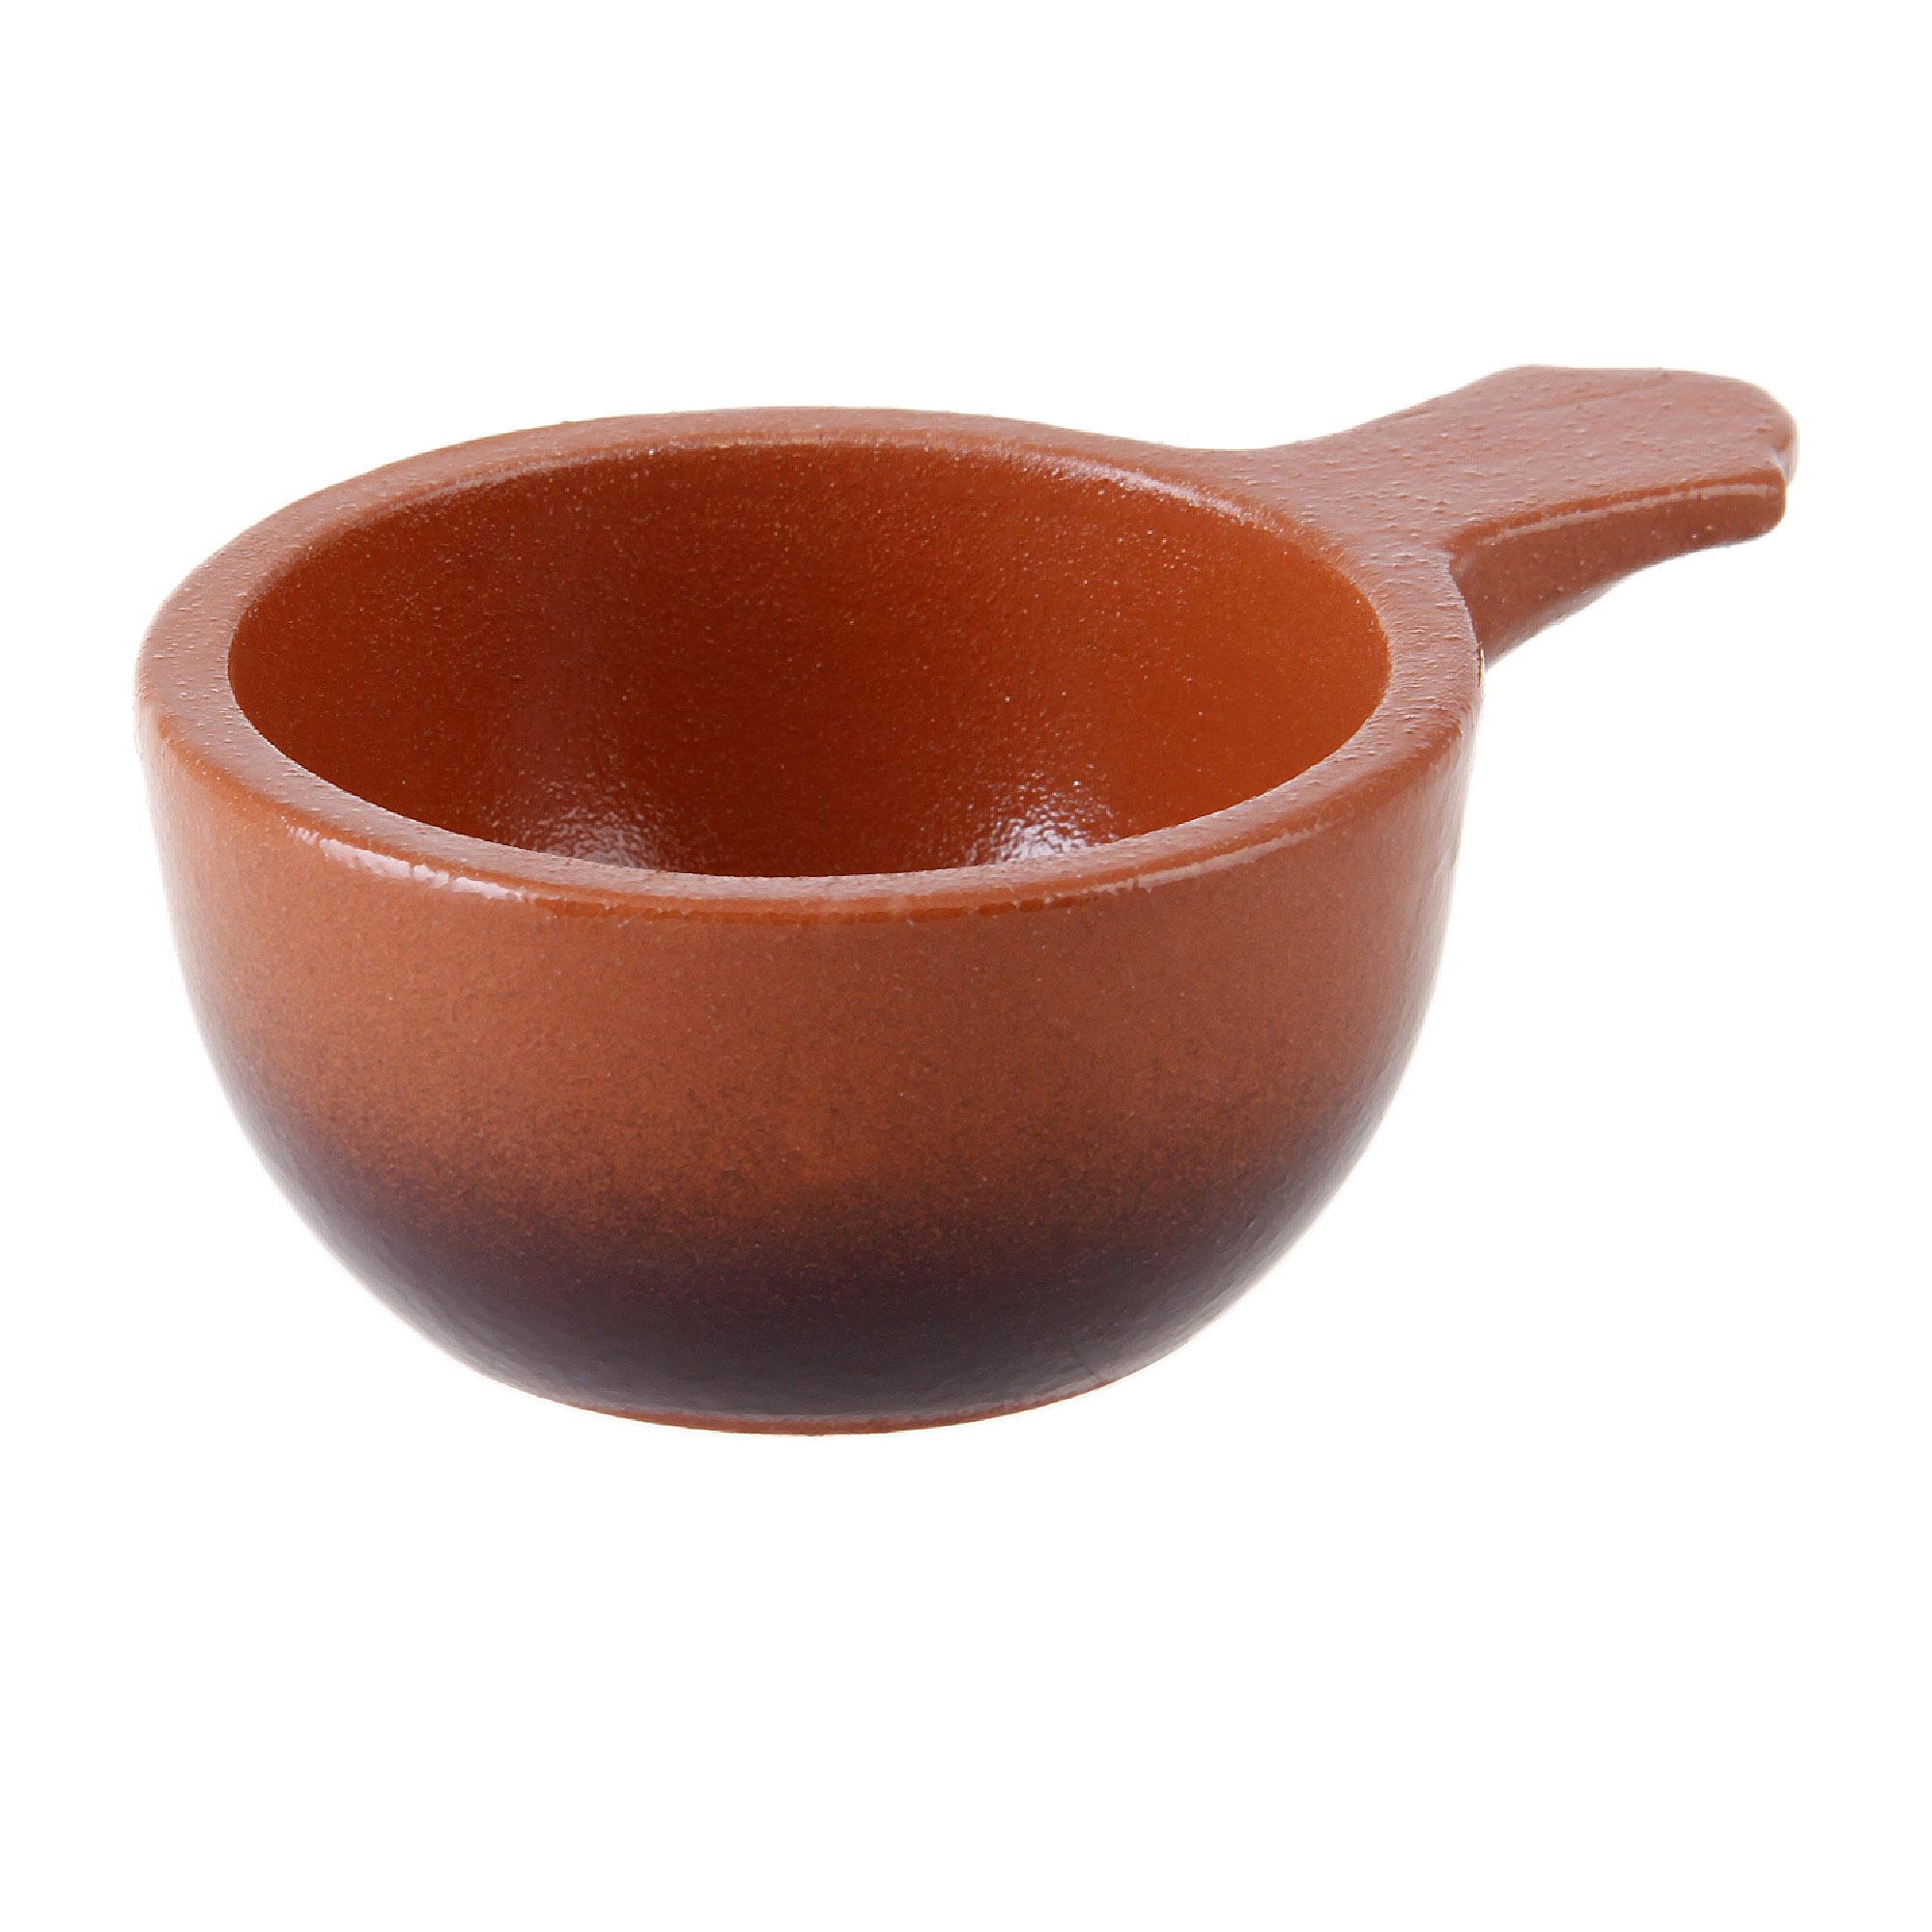 Фото - Кокотница для горячих закусок 0.1 л. Вятская керамика набор керамических горшков 3 предмета вятская керамика нбр вк 1 3